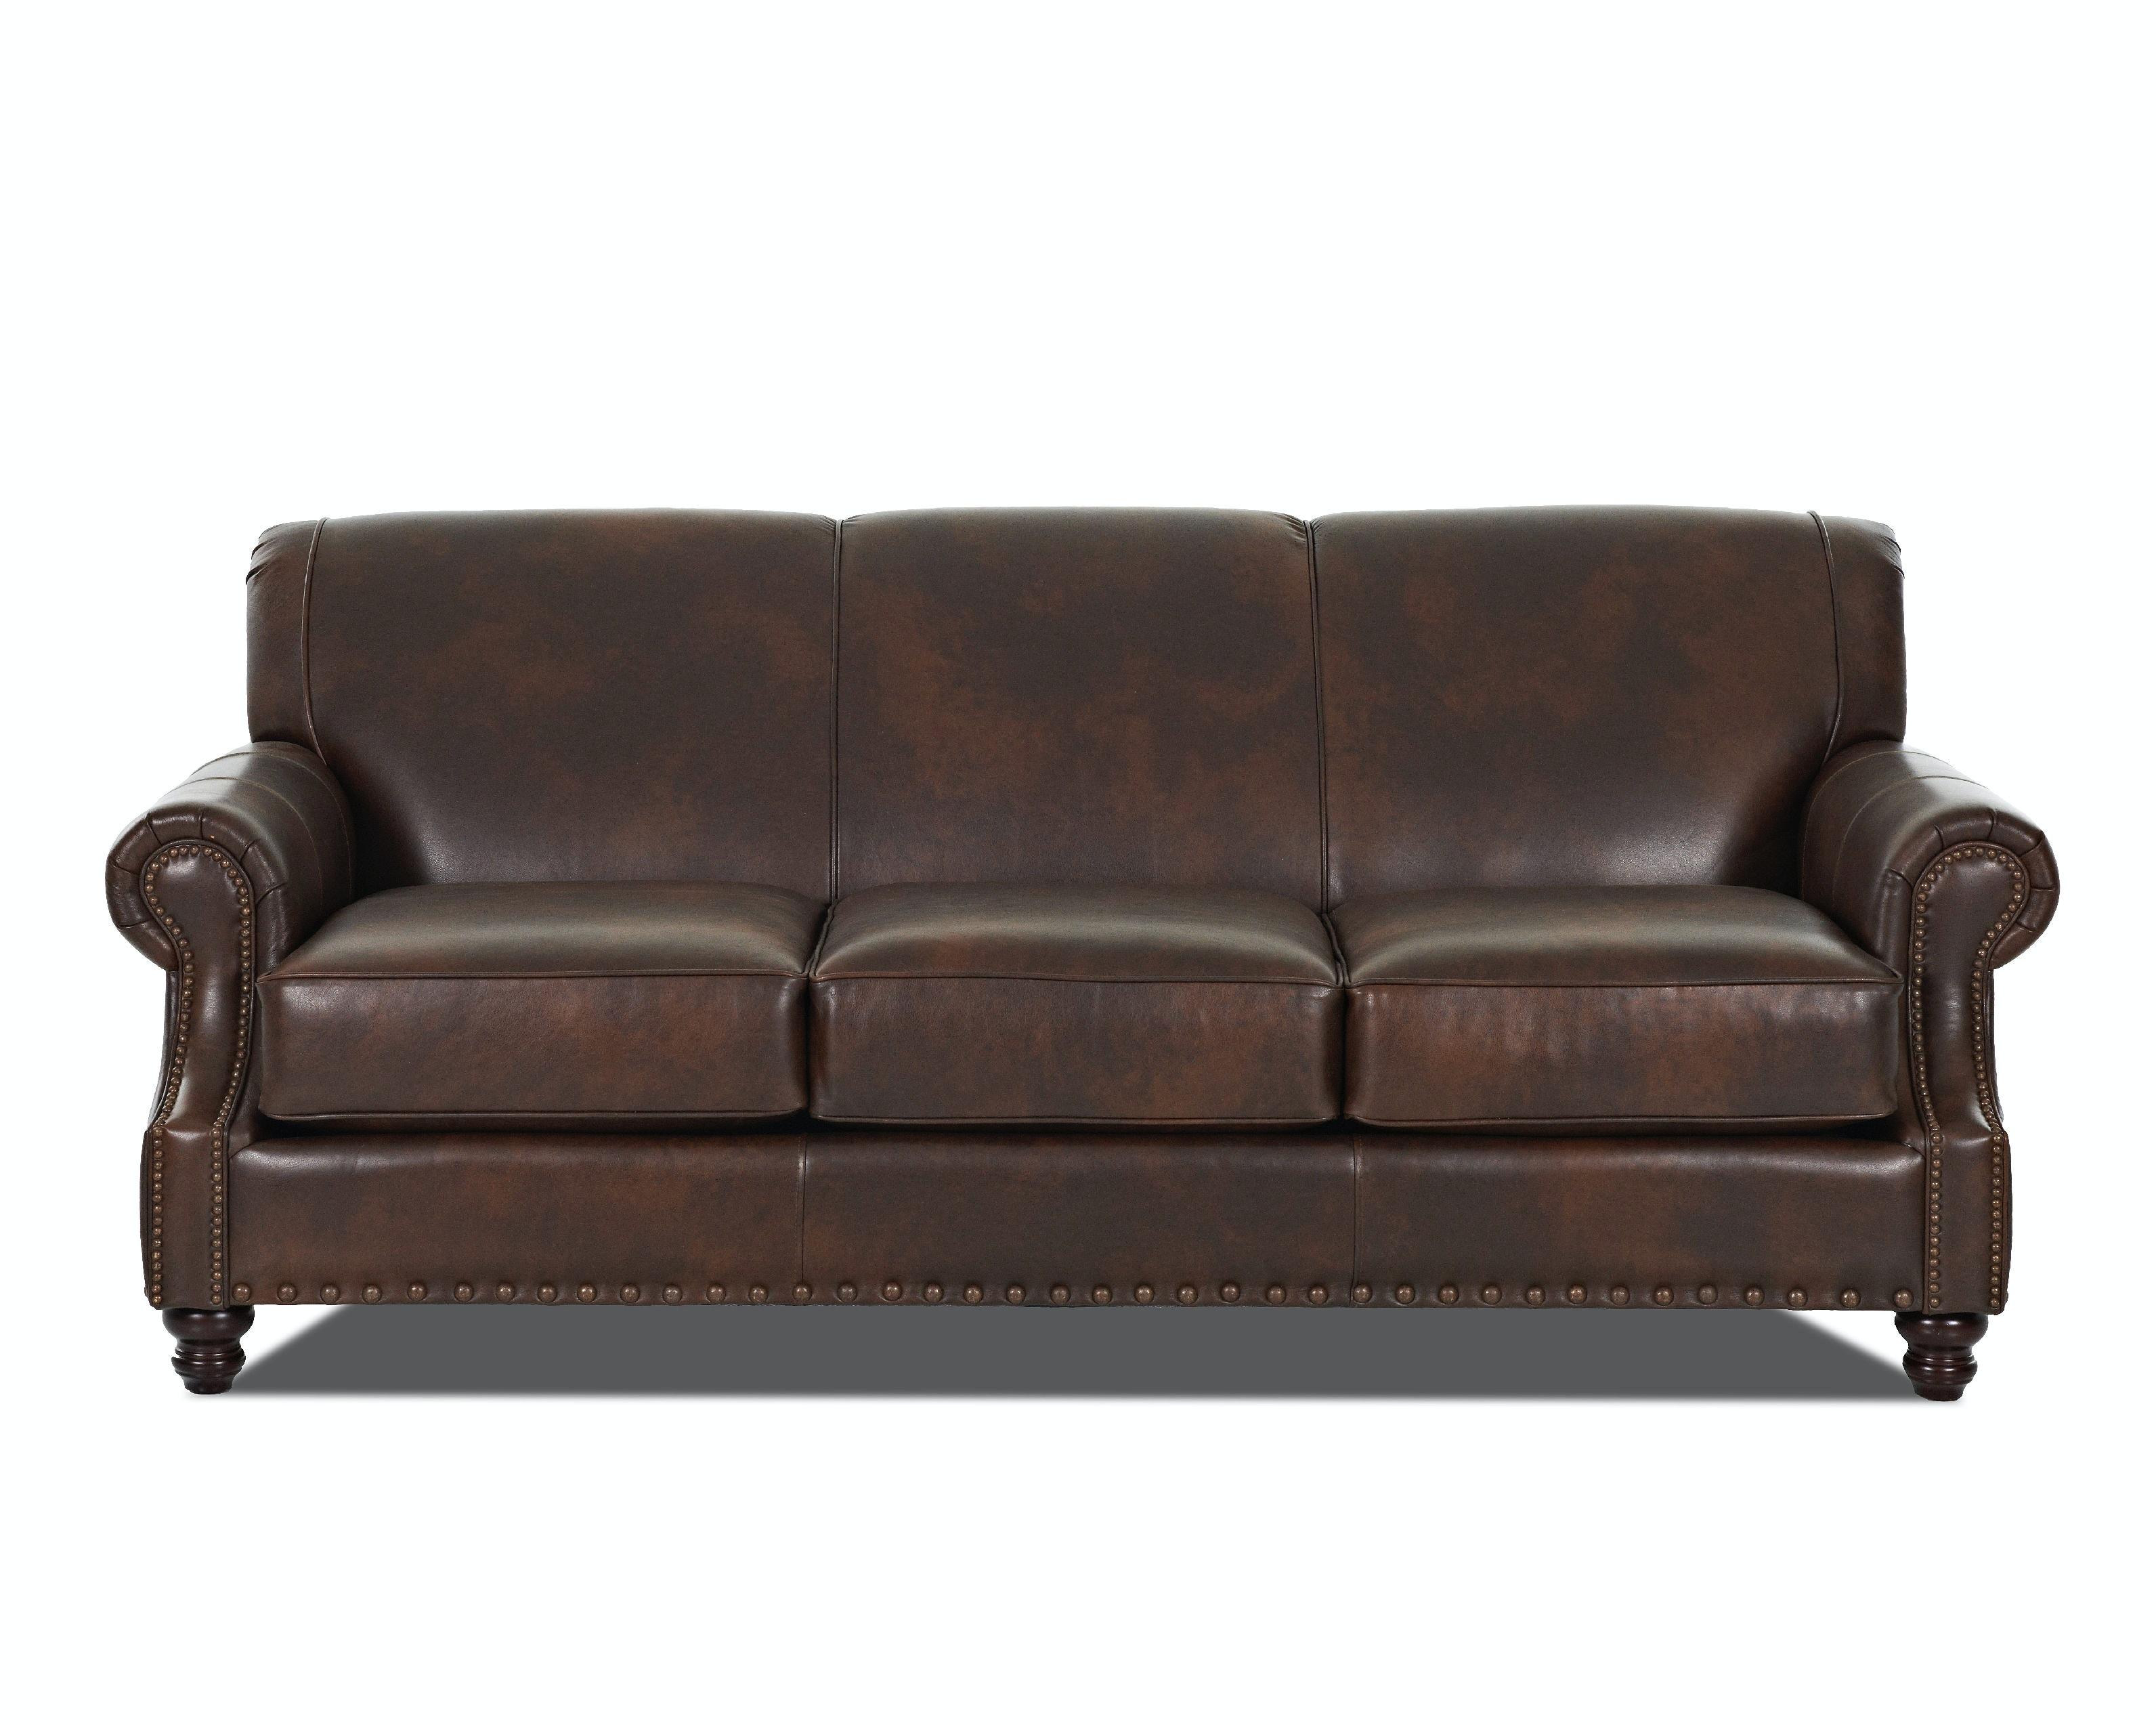 Klaussner Living Room Fremont LTD30410 S - Hanks Fine Furniture - Bentonville, AR, Conway, AR ...